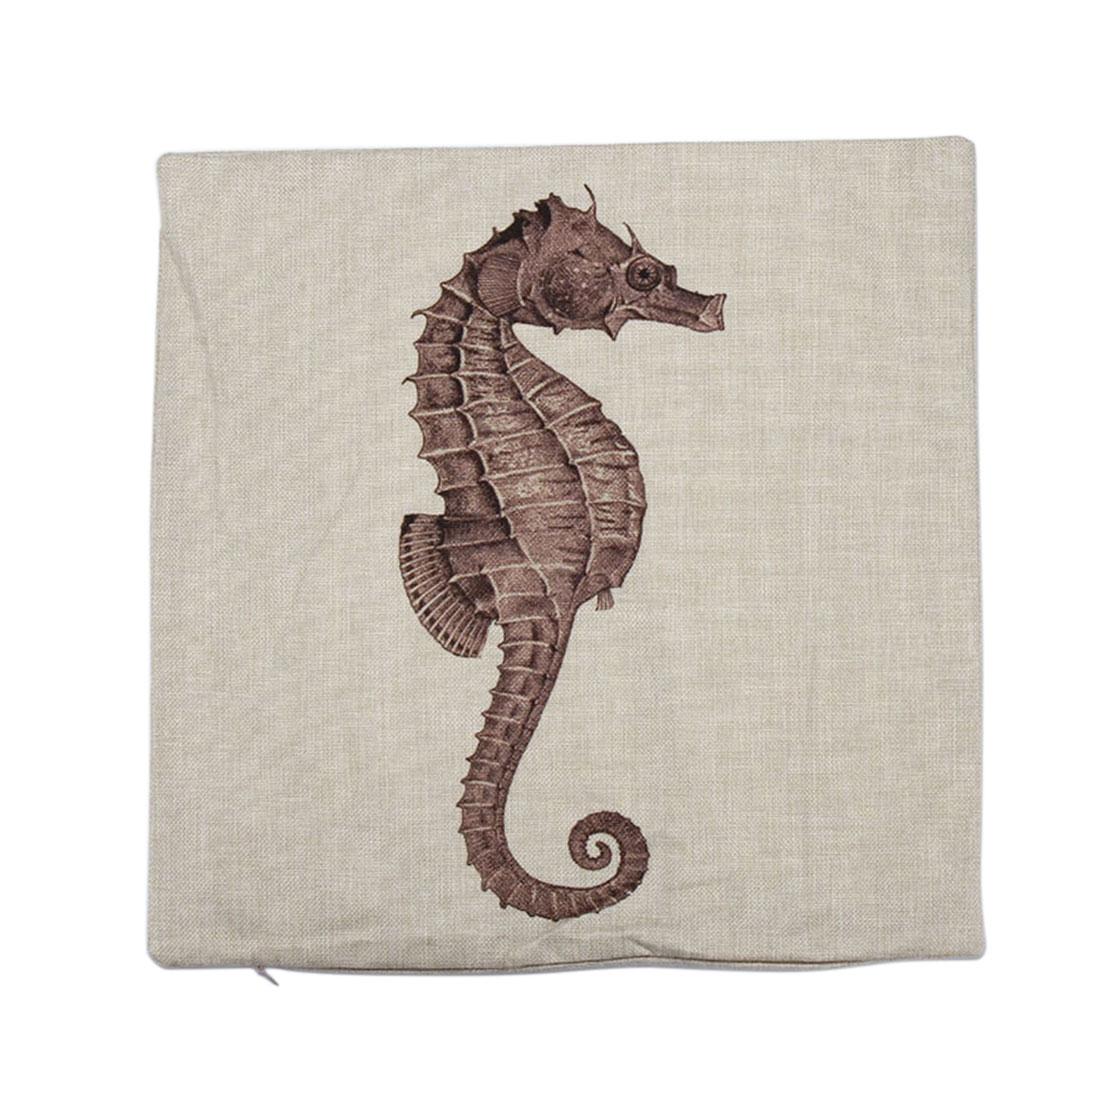 Piccocasa Bed Sofa Linen Sea Horse Printed Throw Pillow Cushion Cover